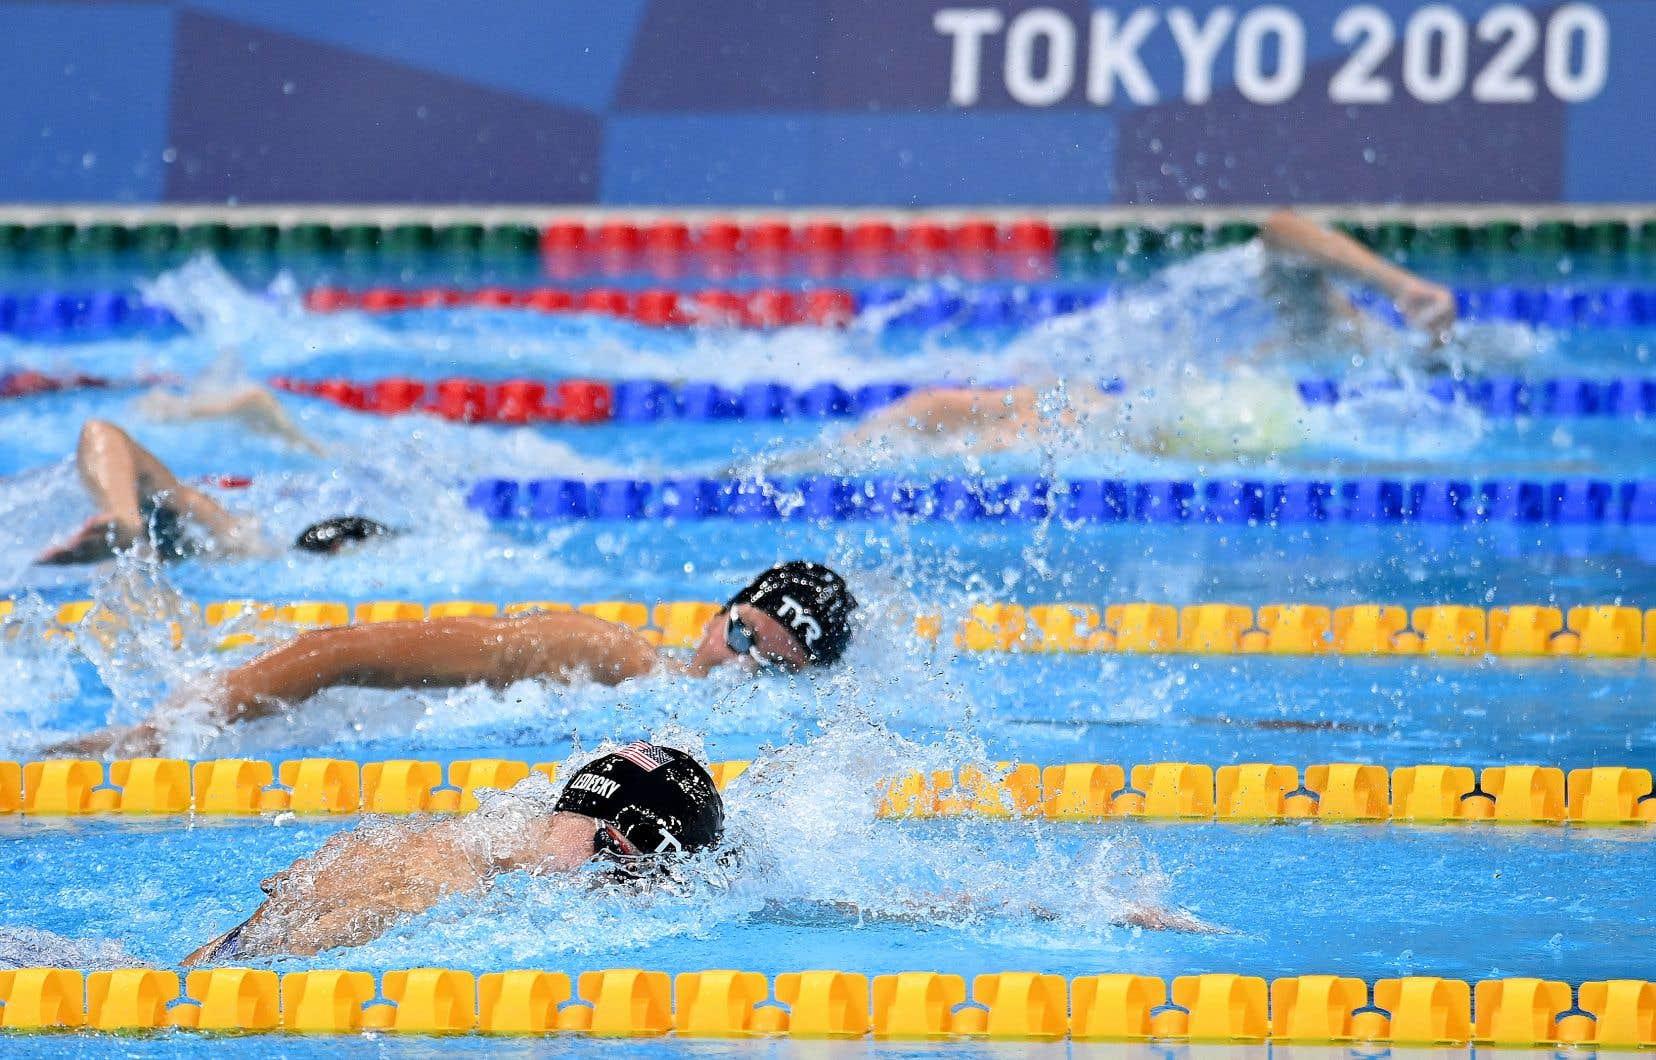 Puisque la plupart des épreuves de natation comptent des allers-retours, l'avantage qu'un nageur pourrait recevoir à l'aller serait négligeable pour son résultat s'il est ralenti au retour.